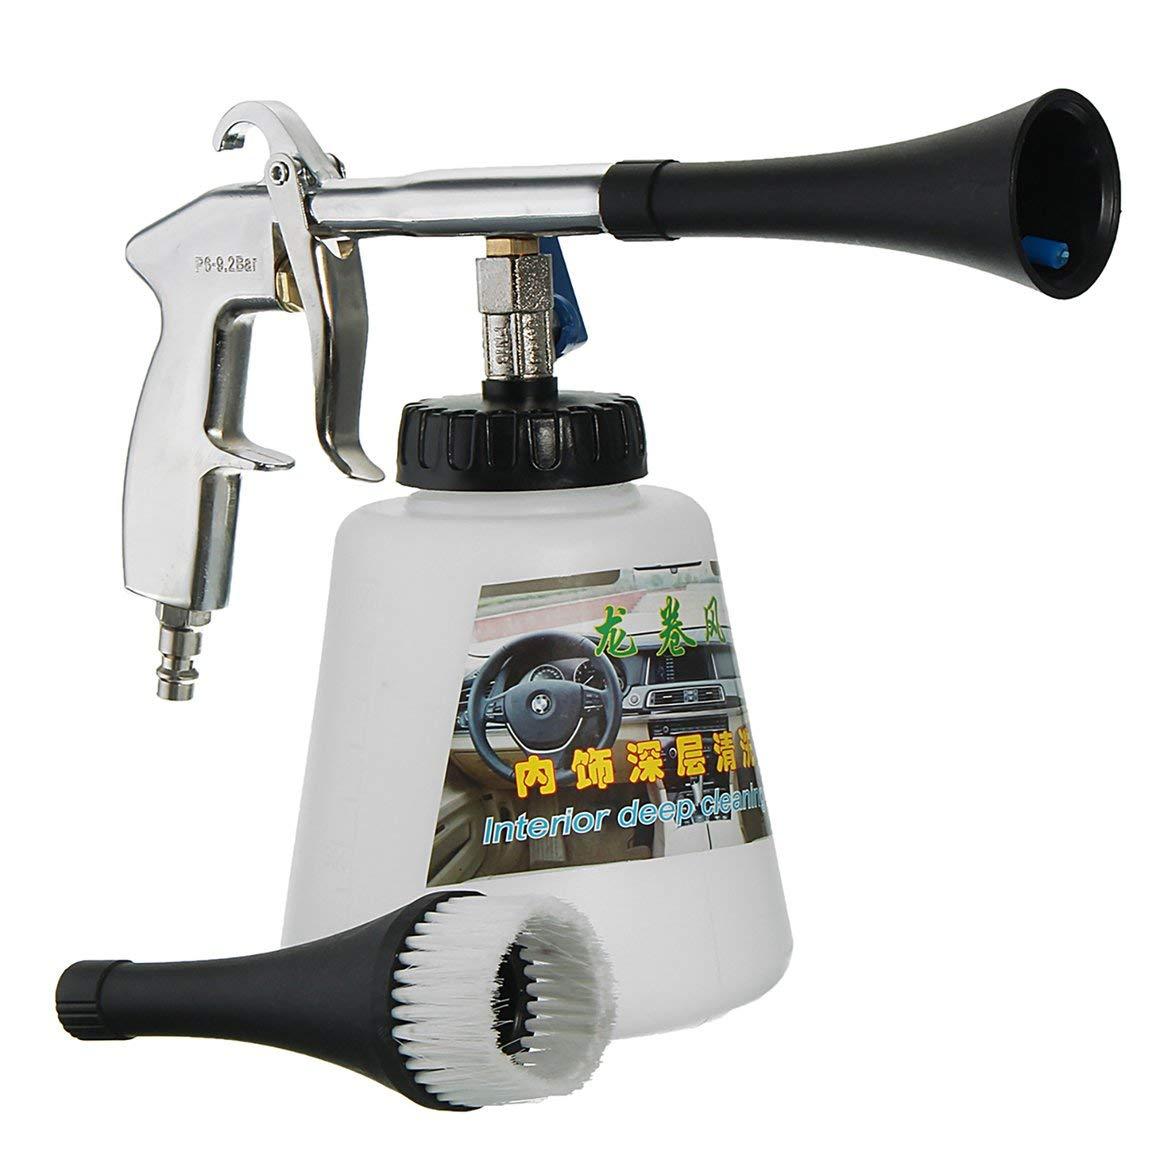 Funnyrunstore Pistola de limpieza de automó viles con pulso de aire de alta presió n, con cepillo, superficie multifuncional, kit de limpieza de interiores, tipo UE, blanco y negro